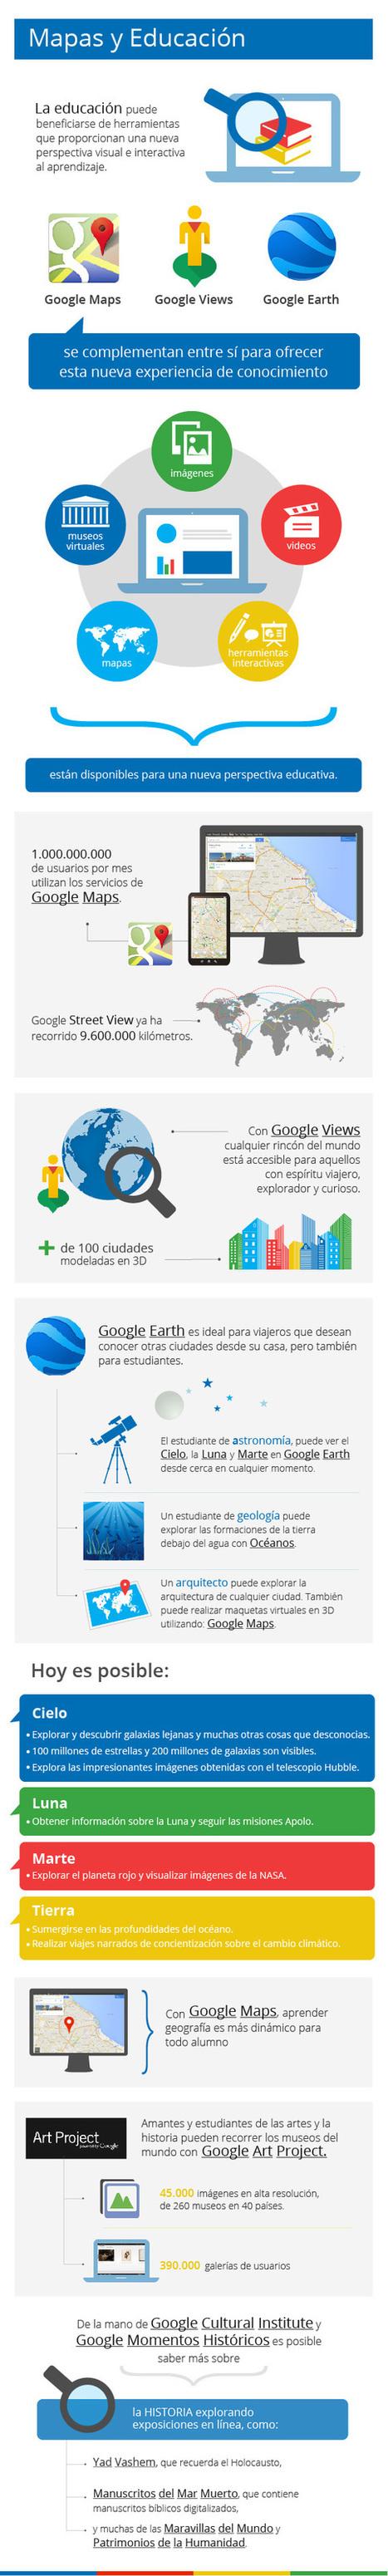 ¿Cómo está transformando Internet (y Google) el sistema educativo? | Edu-virtual | Scoop.it